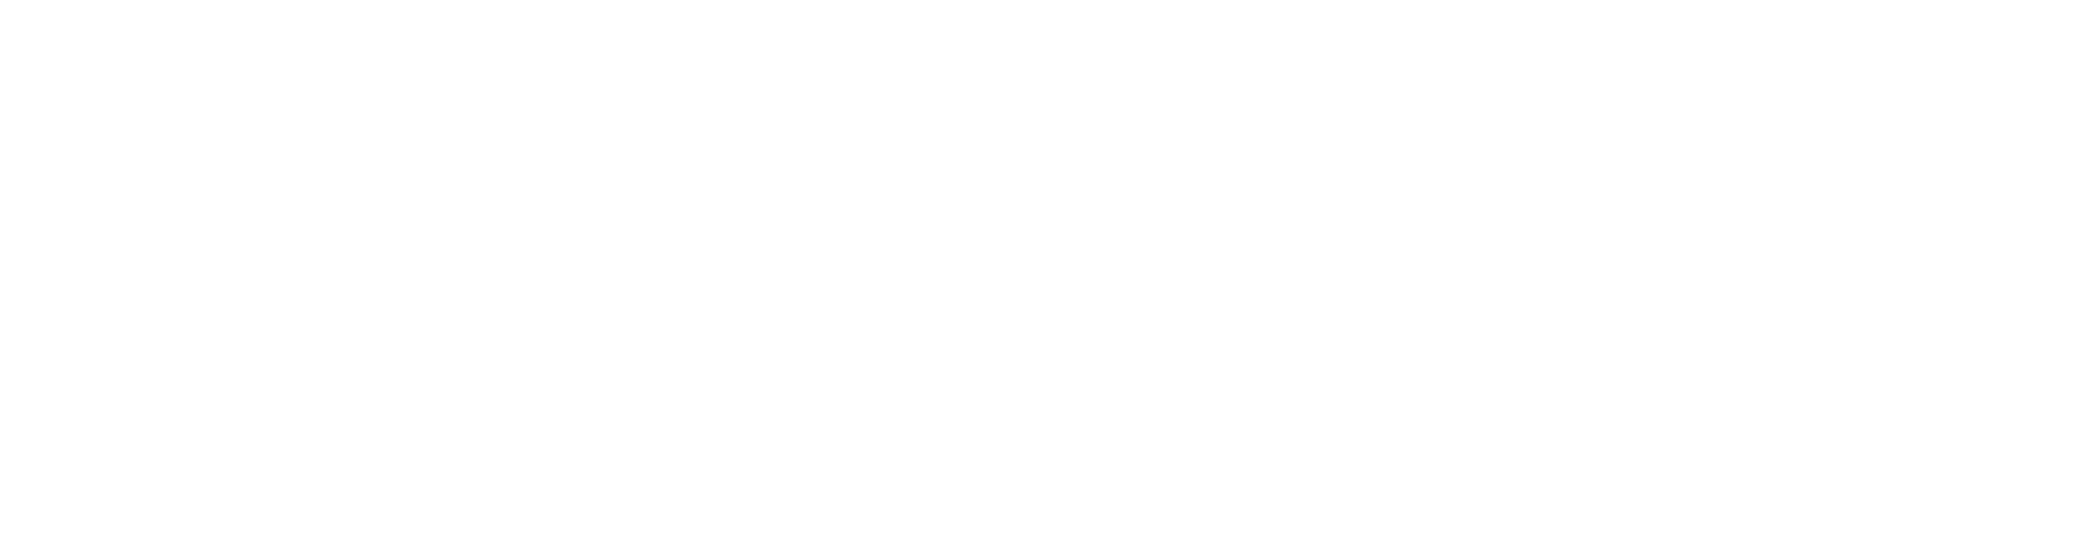 telehandler1